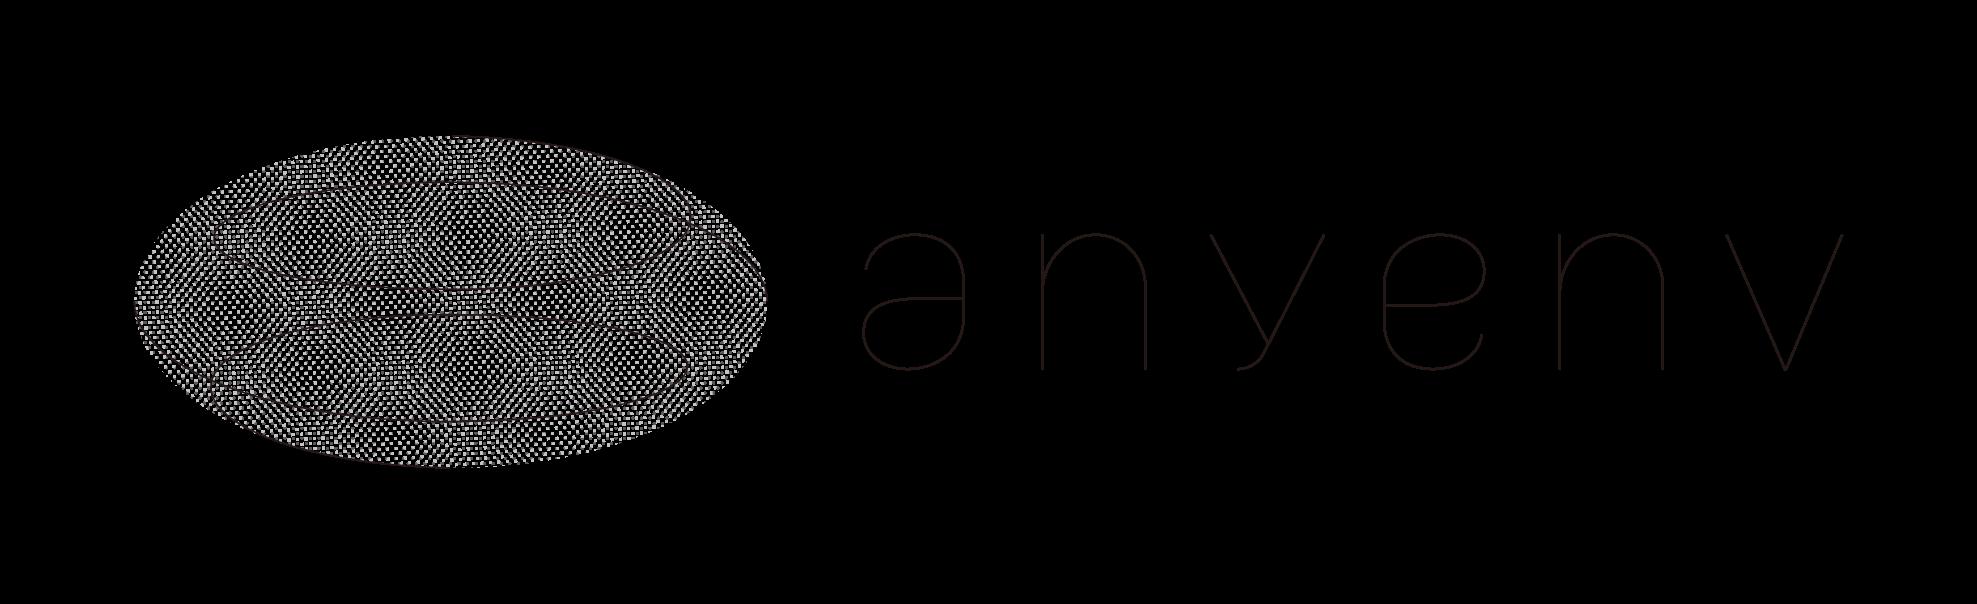 株式会社anyenvのロゴマーク